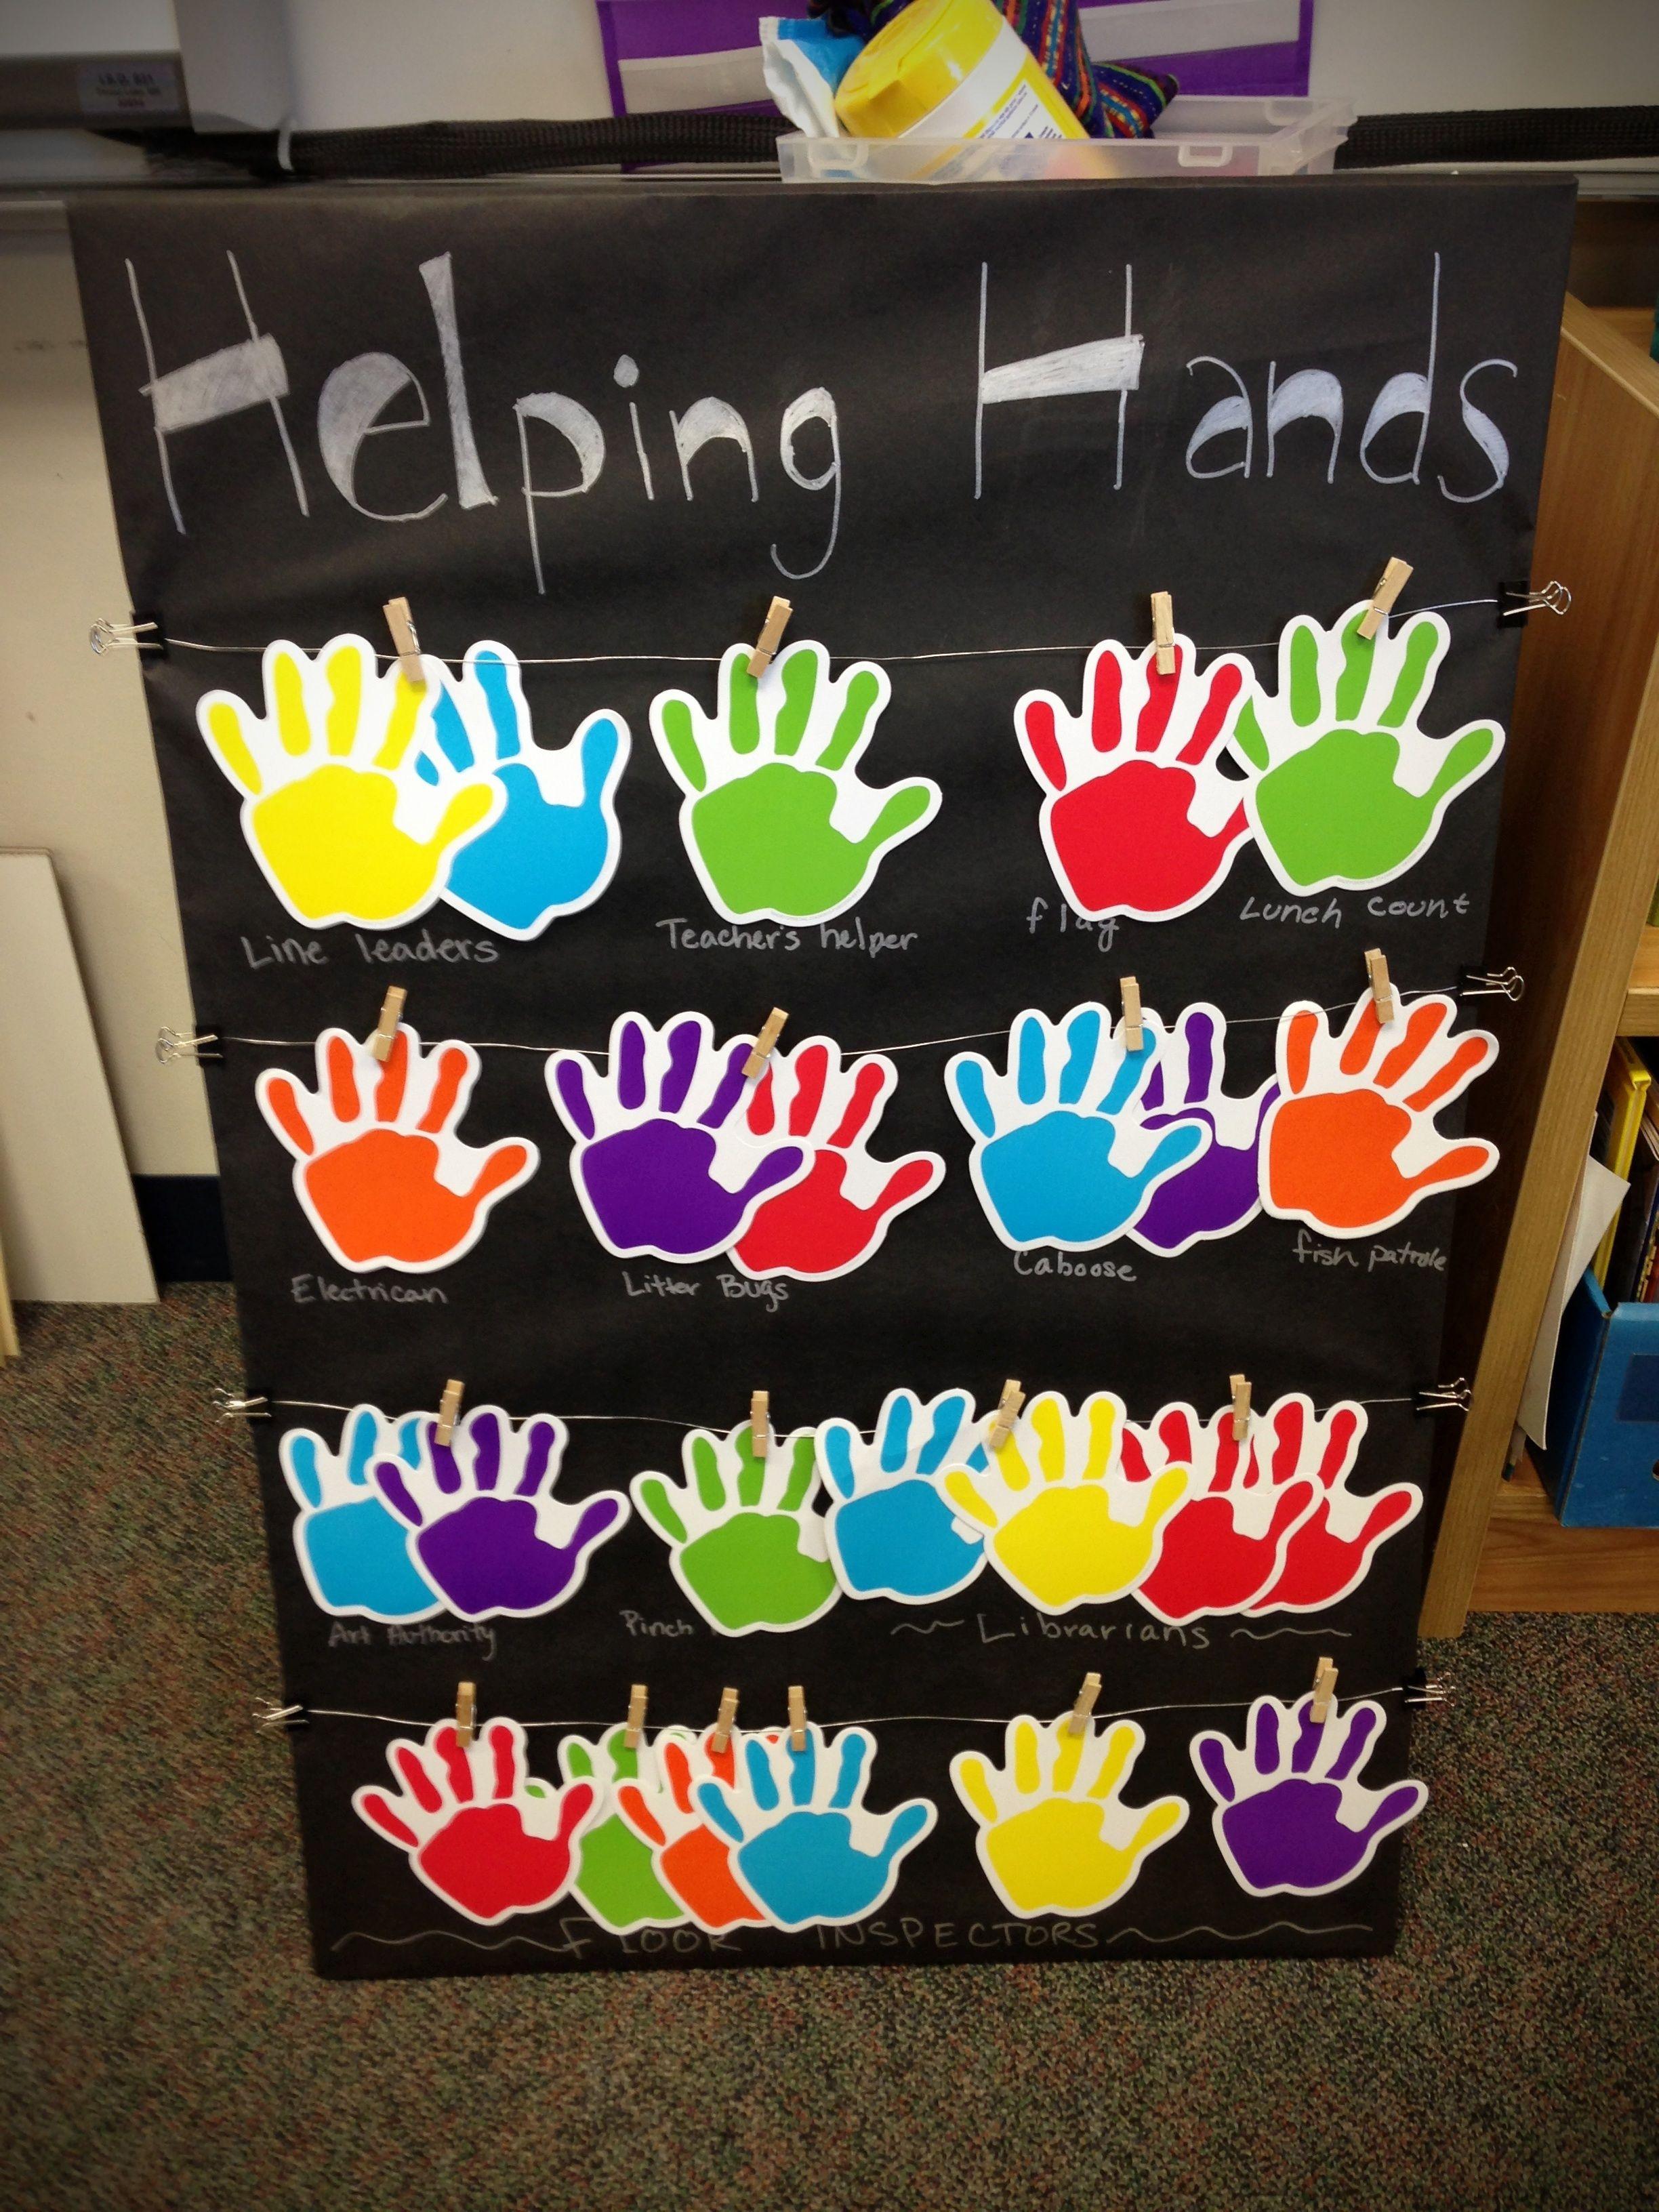 Helping hands classroom jobs board classroom jobs board